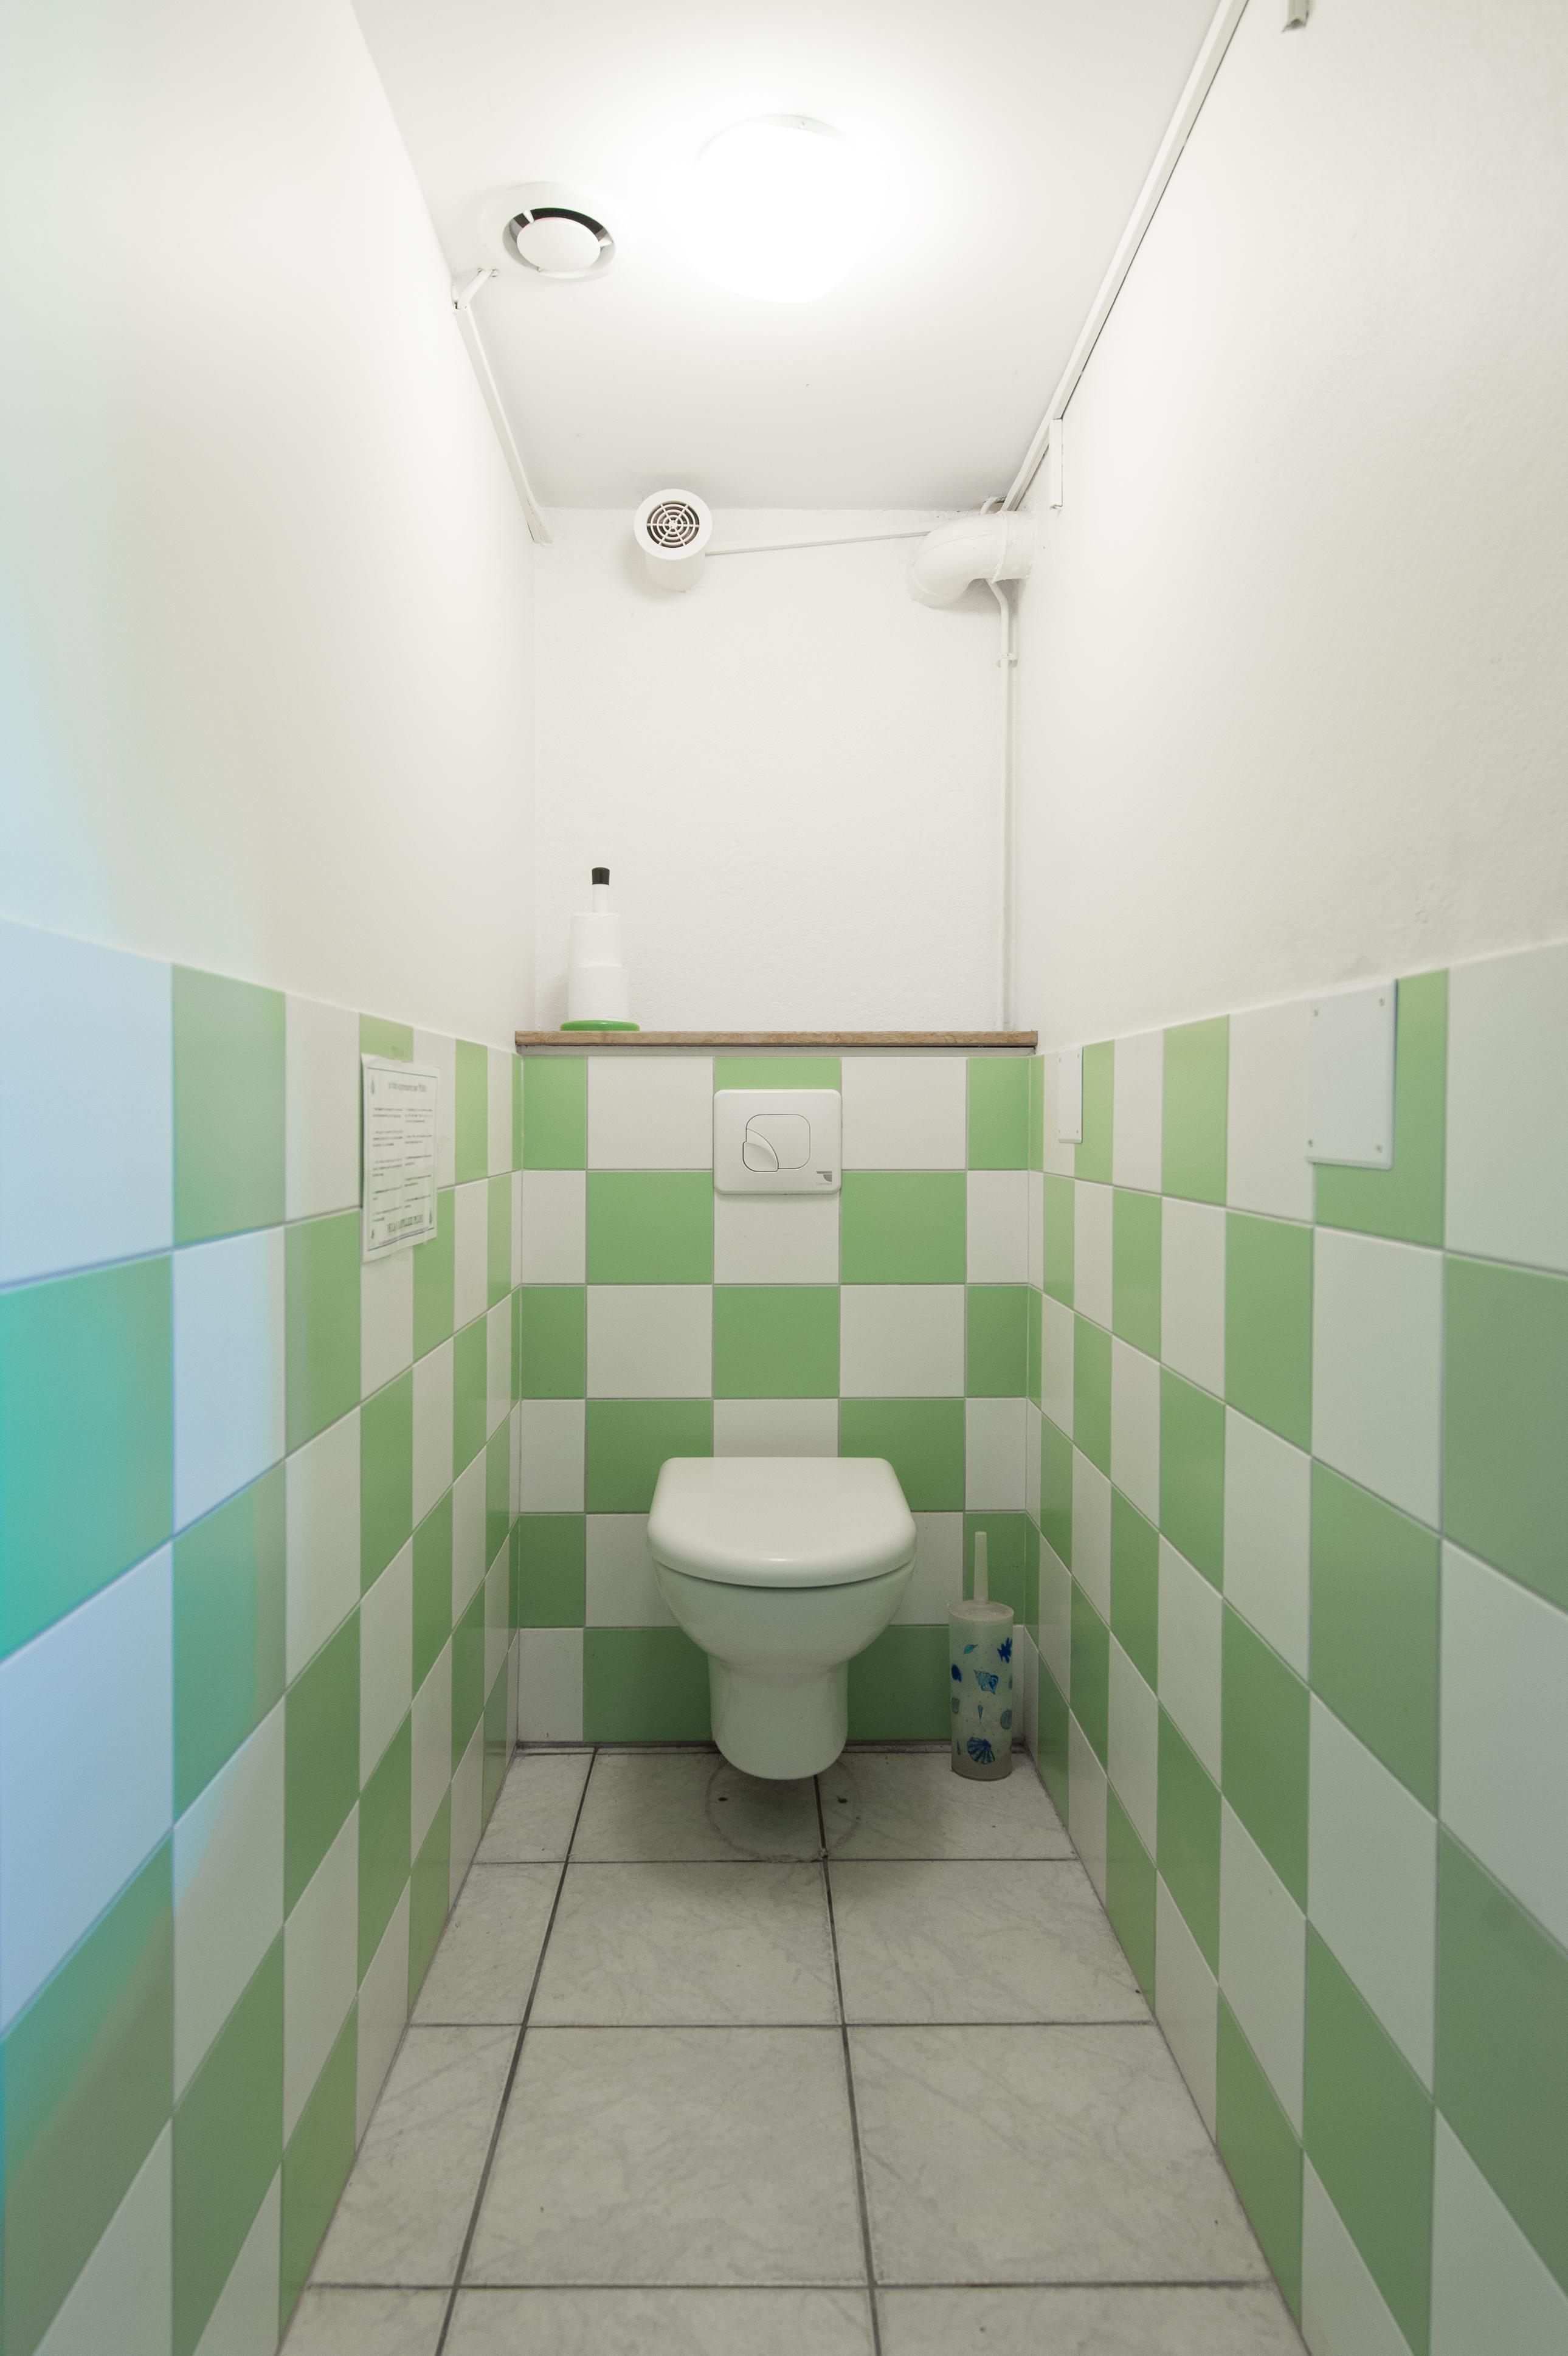 déco damier toilettes carrelage, ferme pédagogique